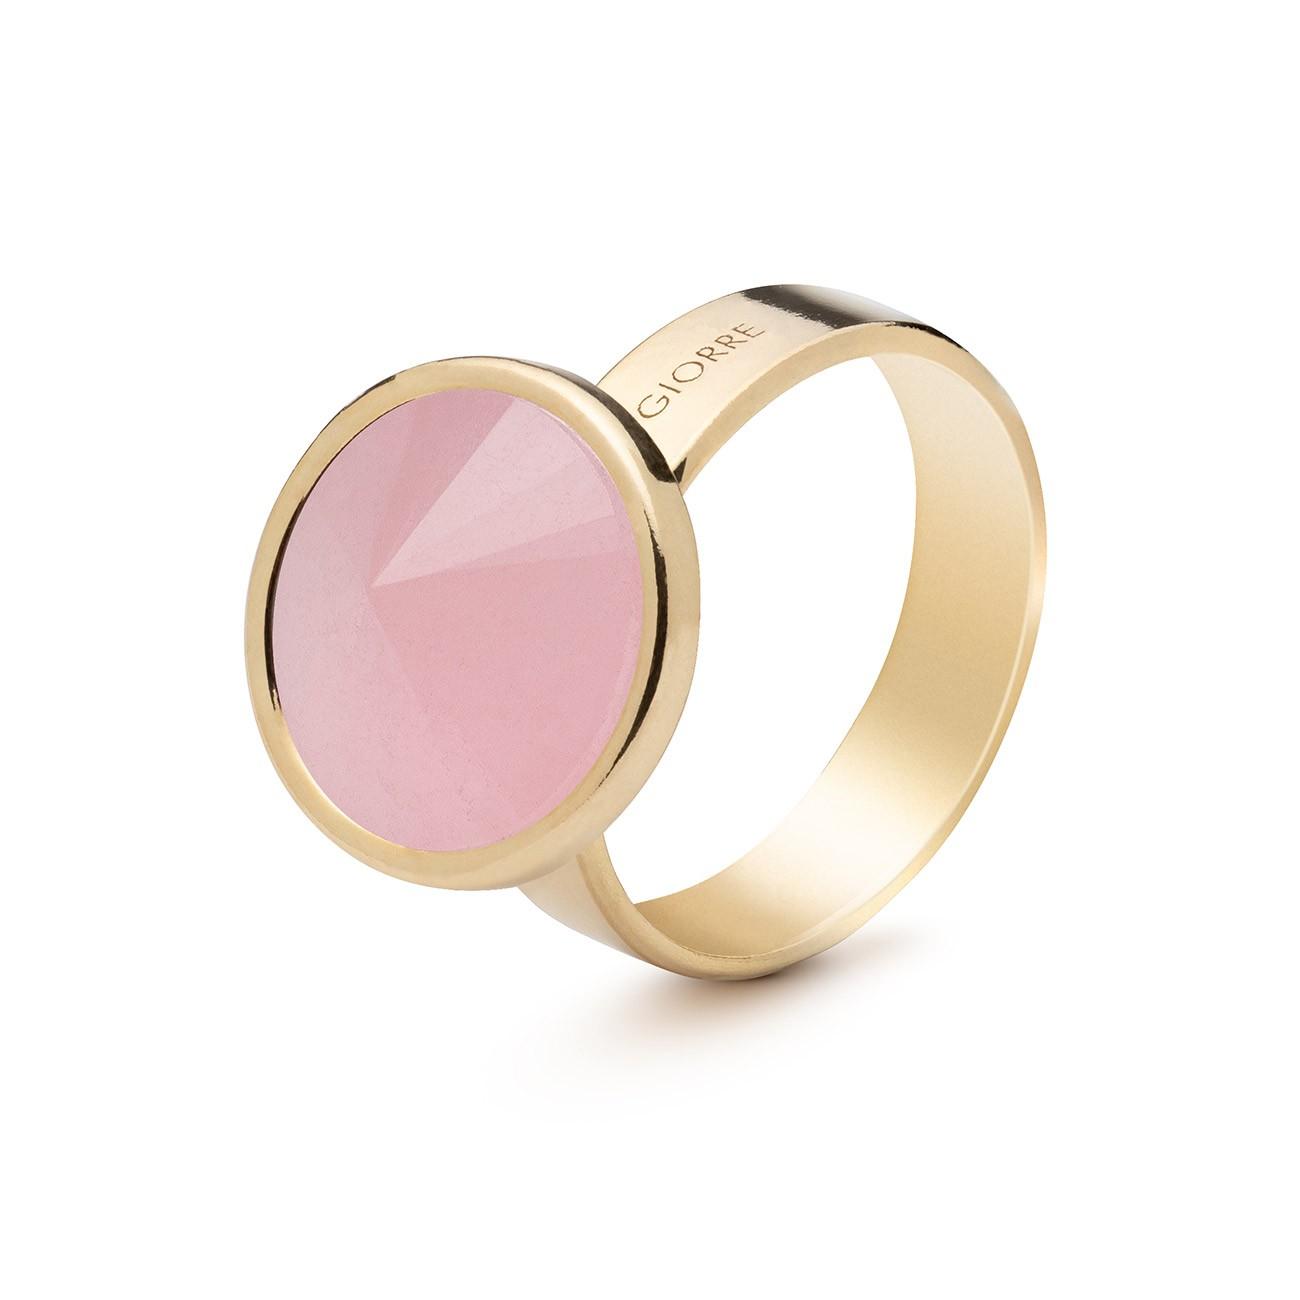 Srebrny pierścionek z naturalnym kamieniem - kwarc różowy, srebro 925